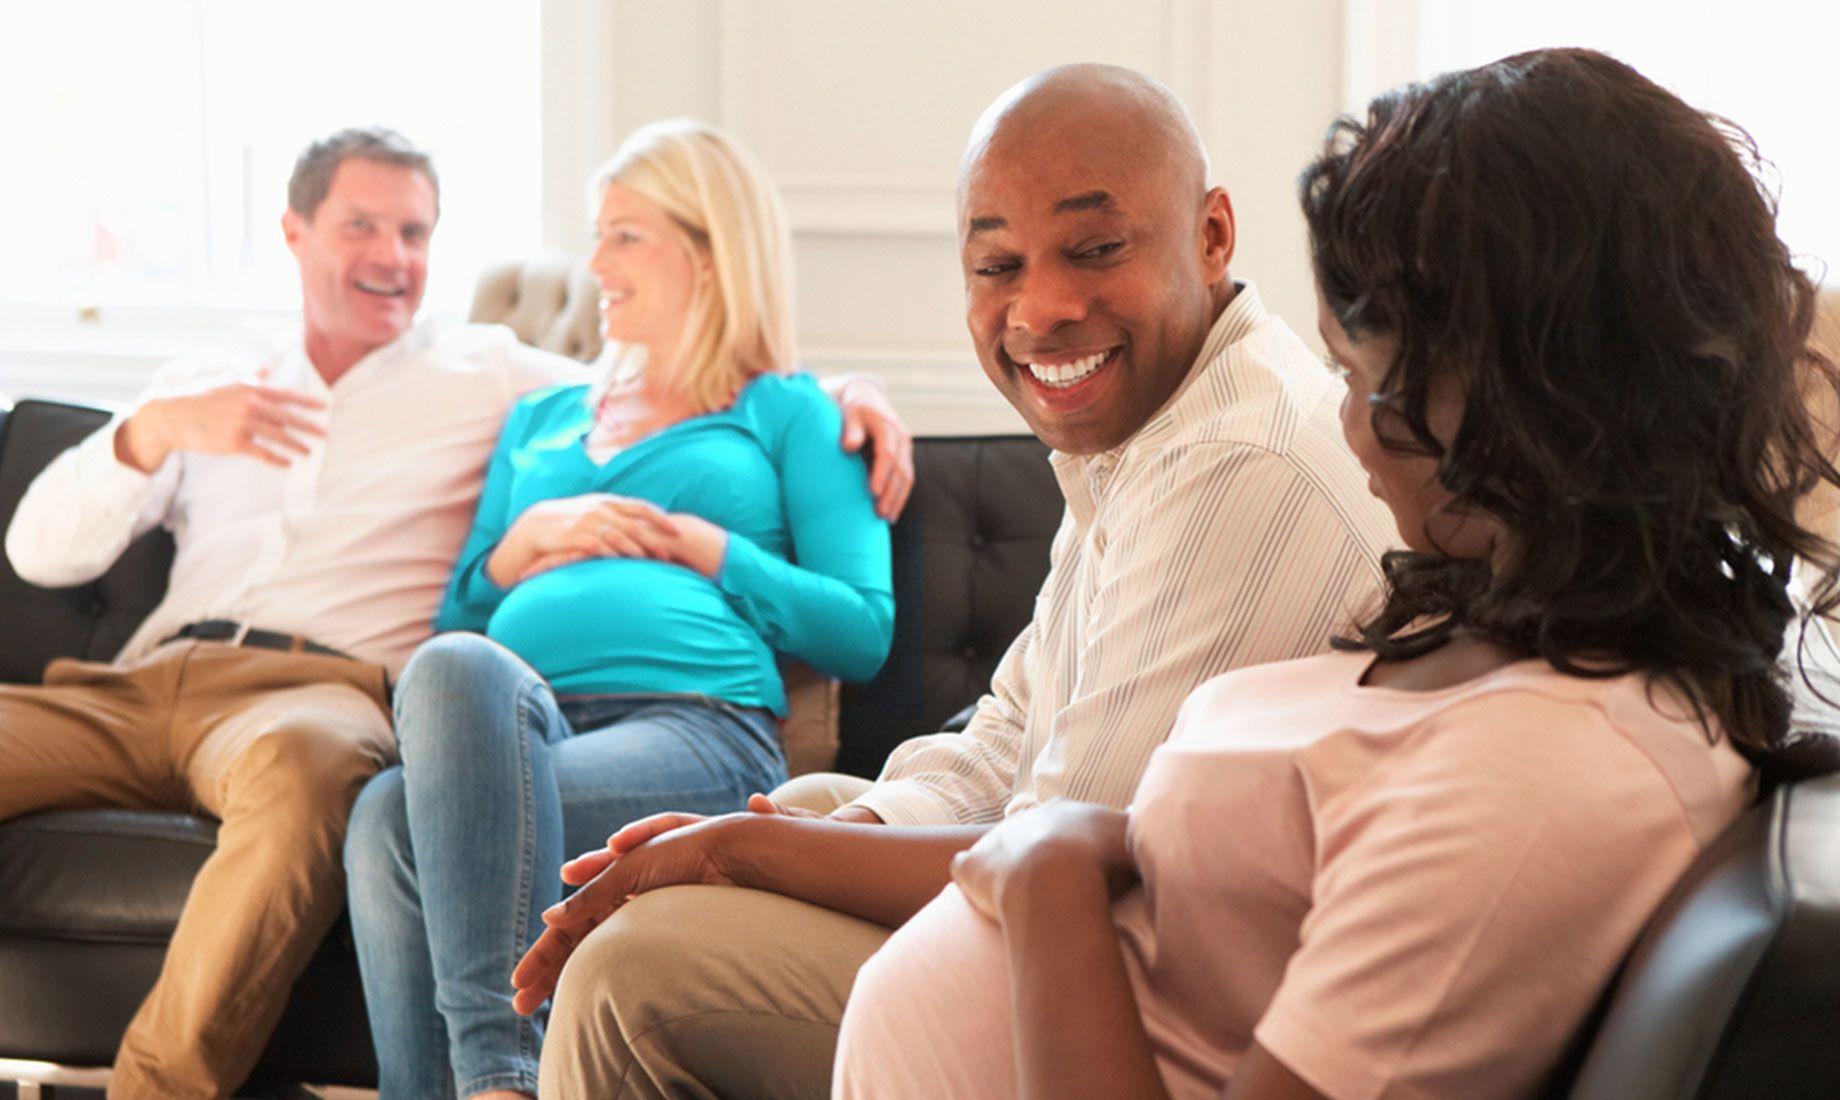 两对夫妇在候诊室聊天,两位妇女在IVF治疗后分别怀孕